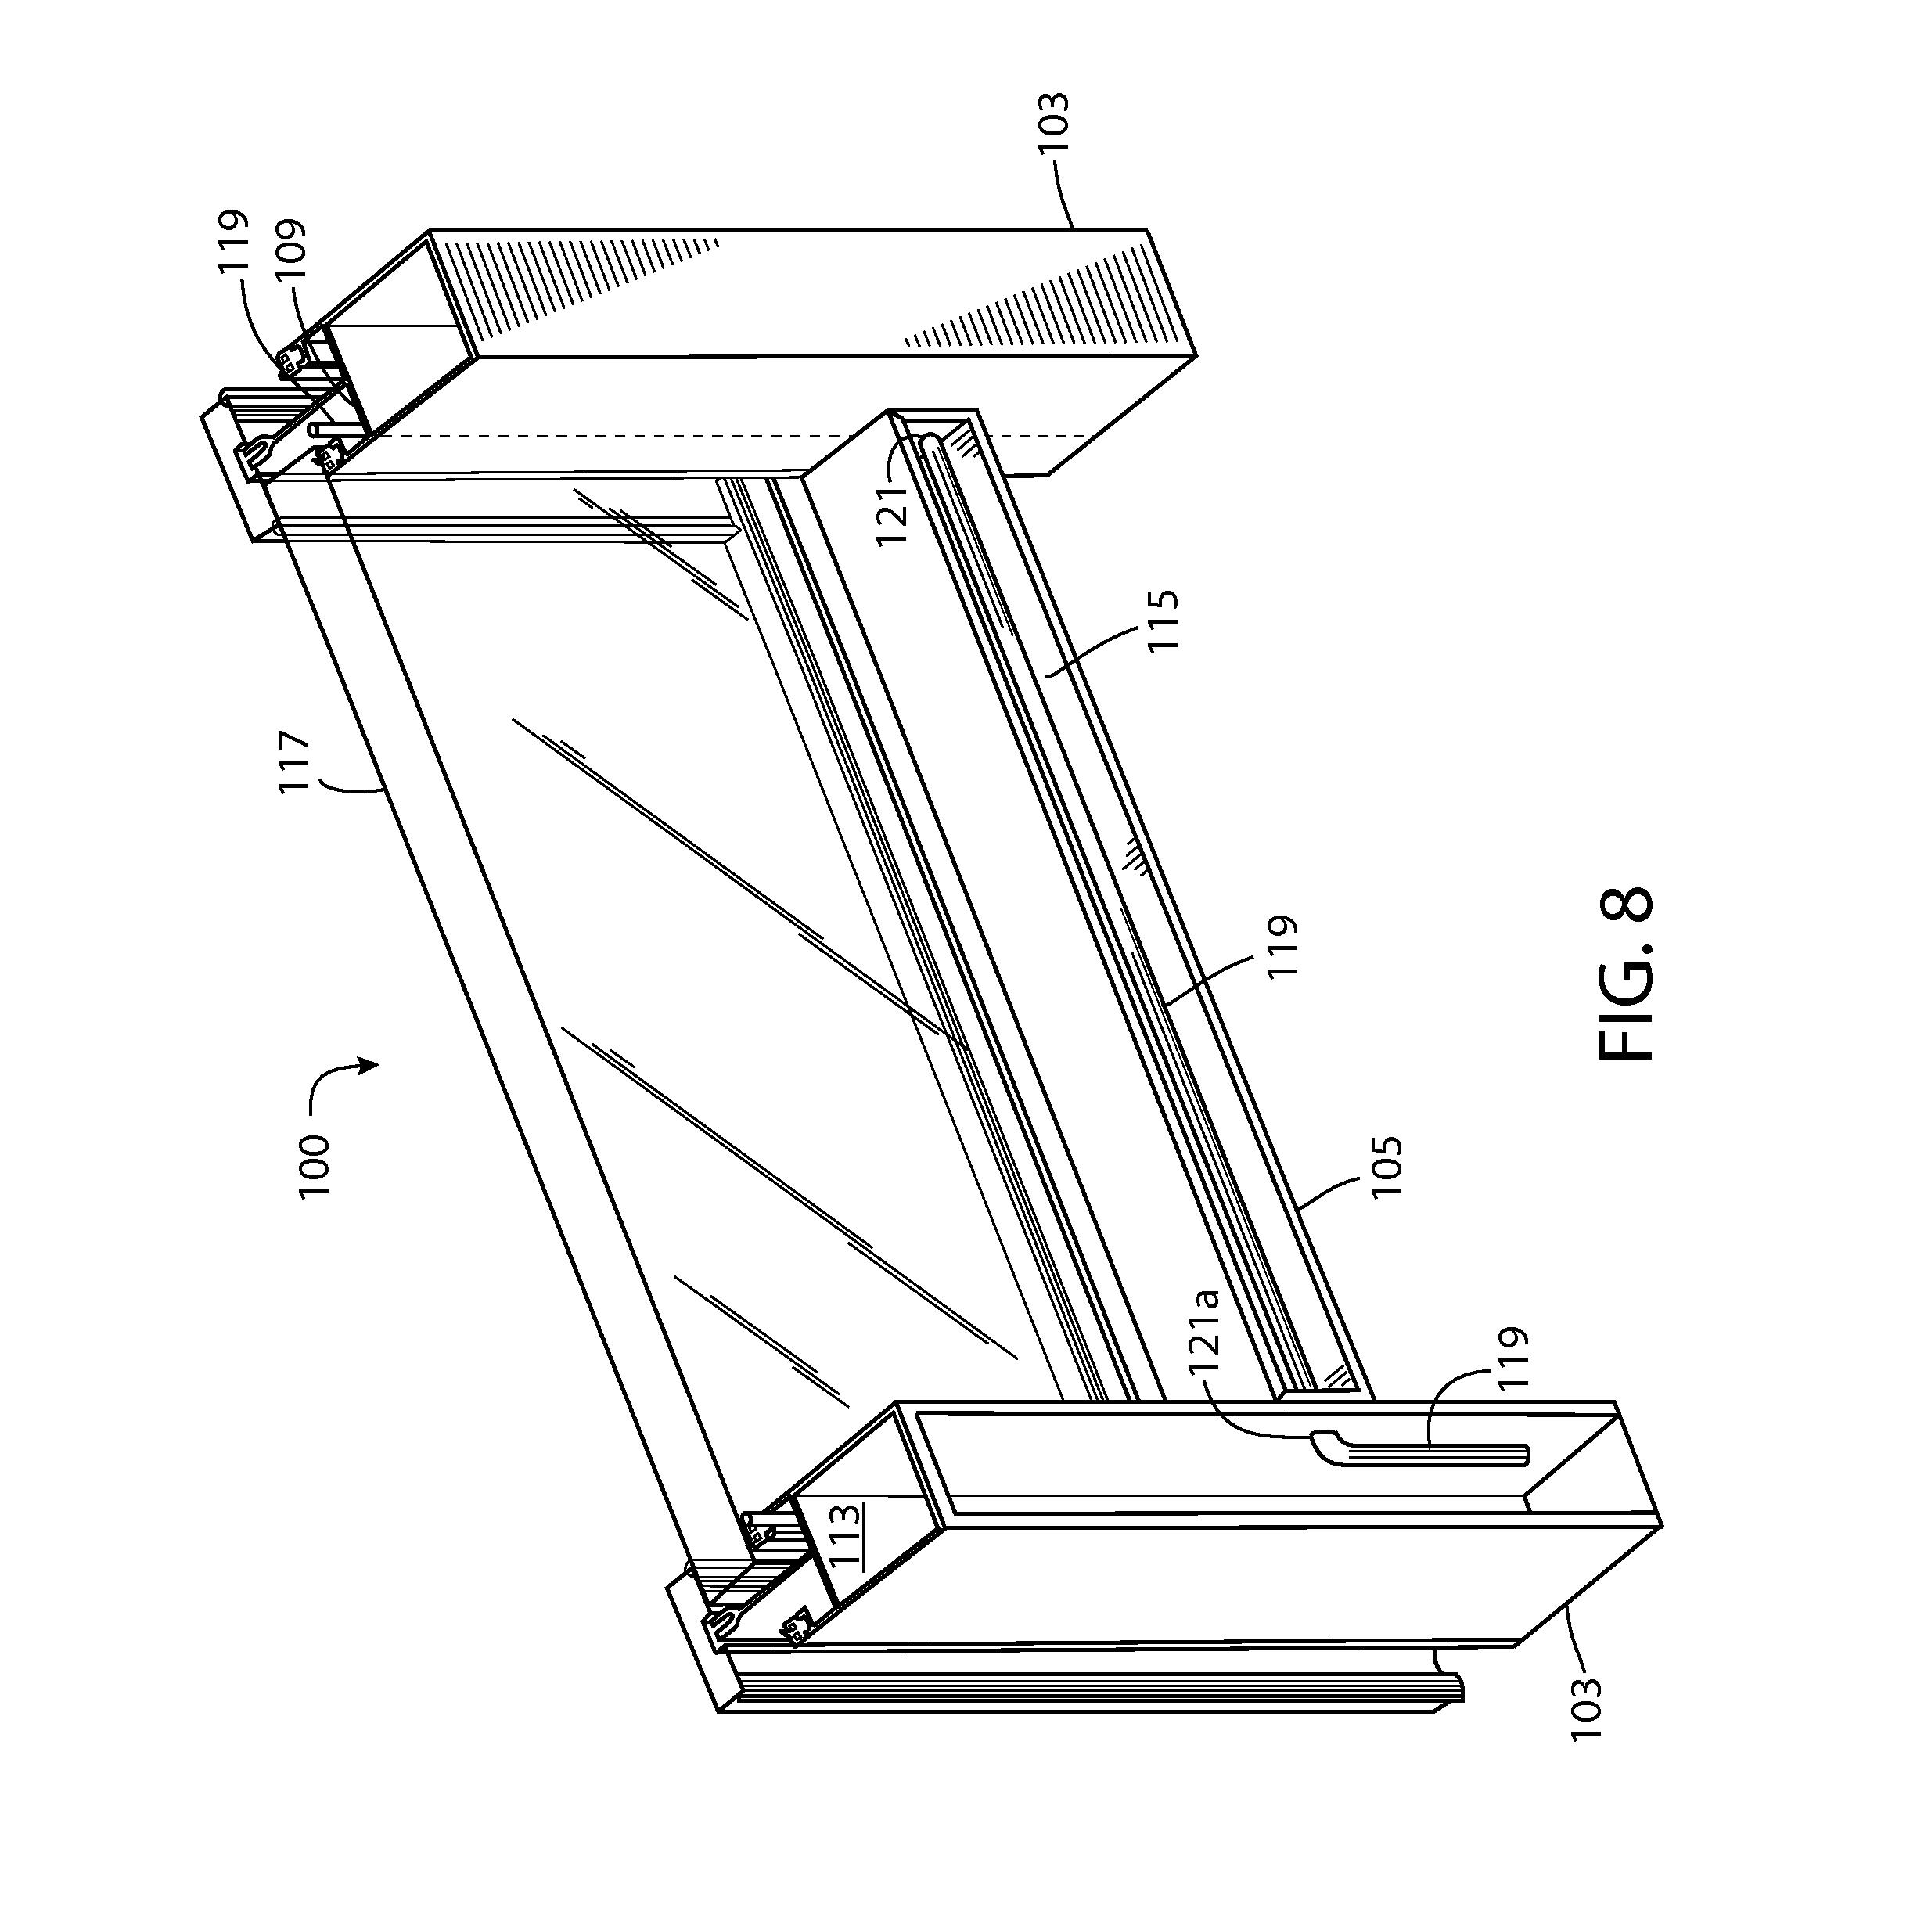 patent us8800221